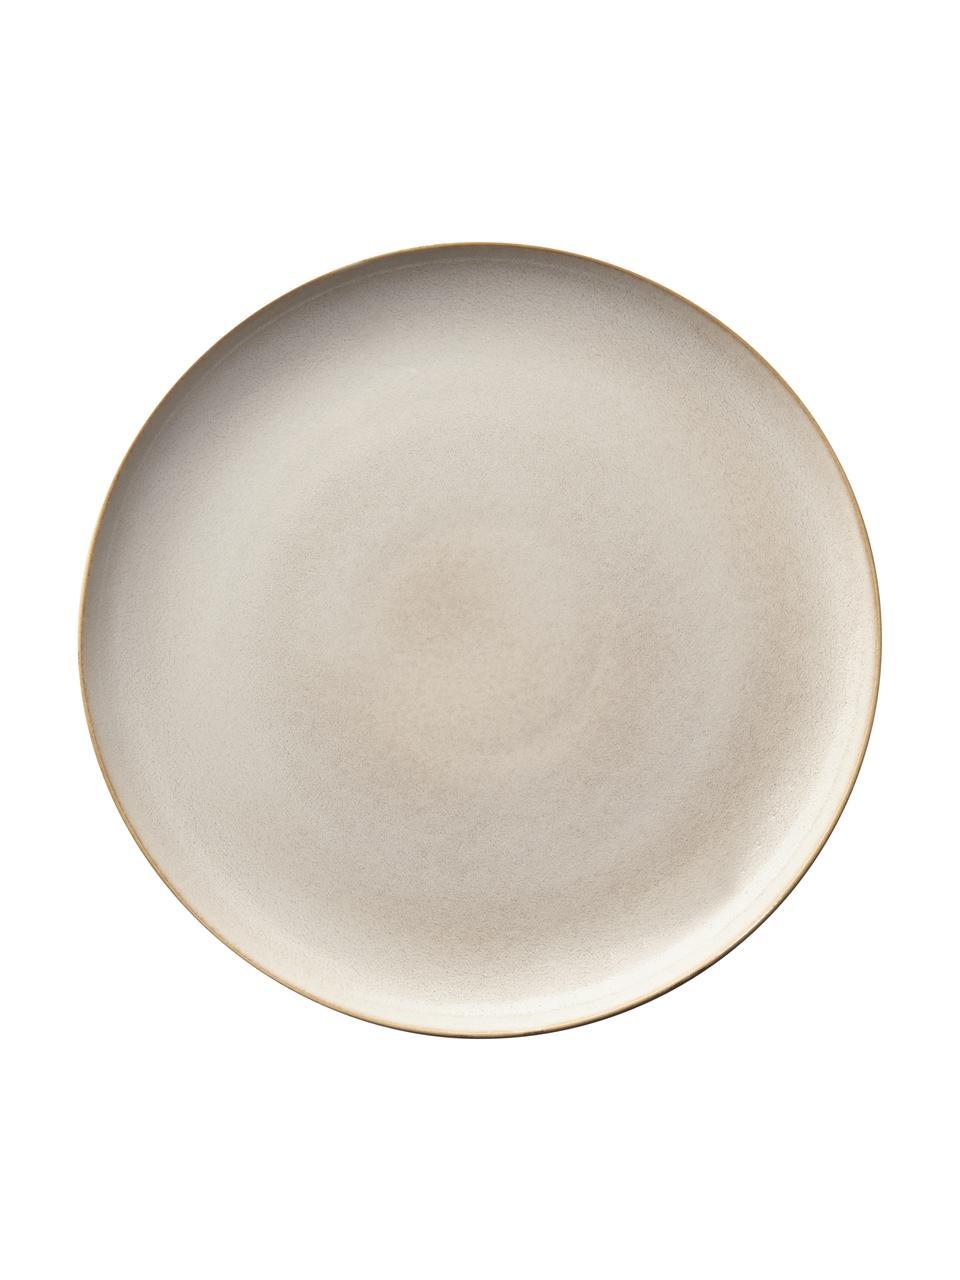 Talerz duży z kamionki Saisons, 6 szt., Kamionka, Beżowy, Ø 27 cm